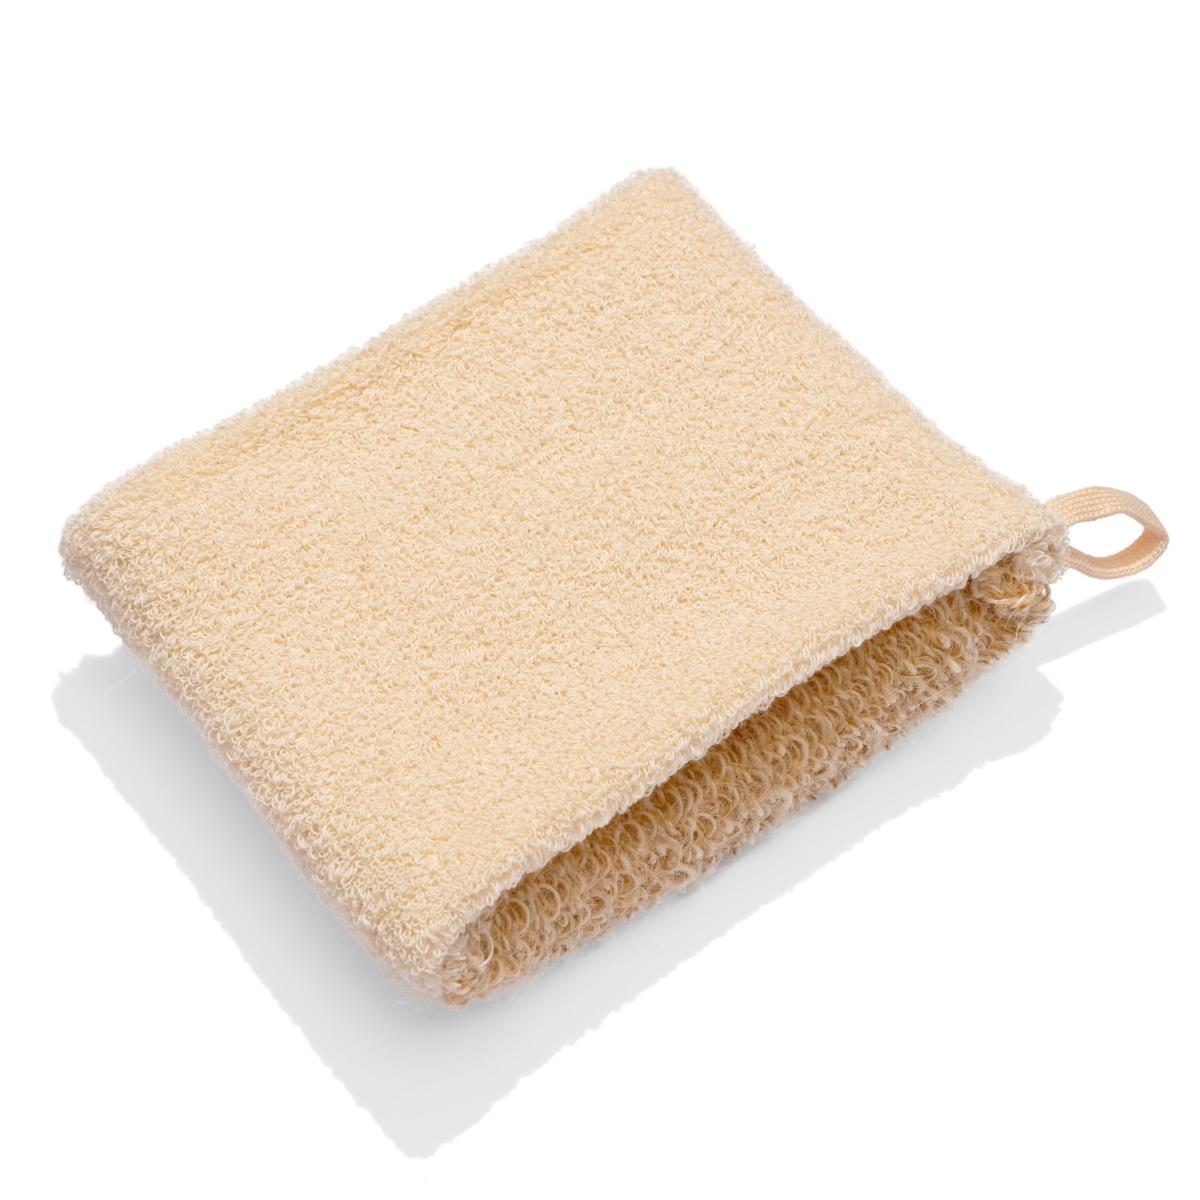 Мочалка массажная из натурального волокна двухсторонняя (гибискус коноплевый + хлопок)